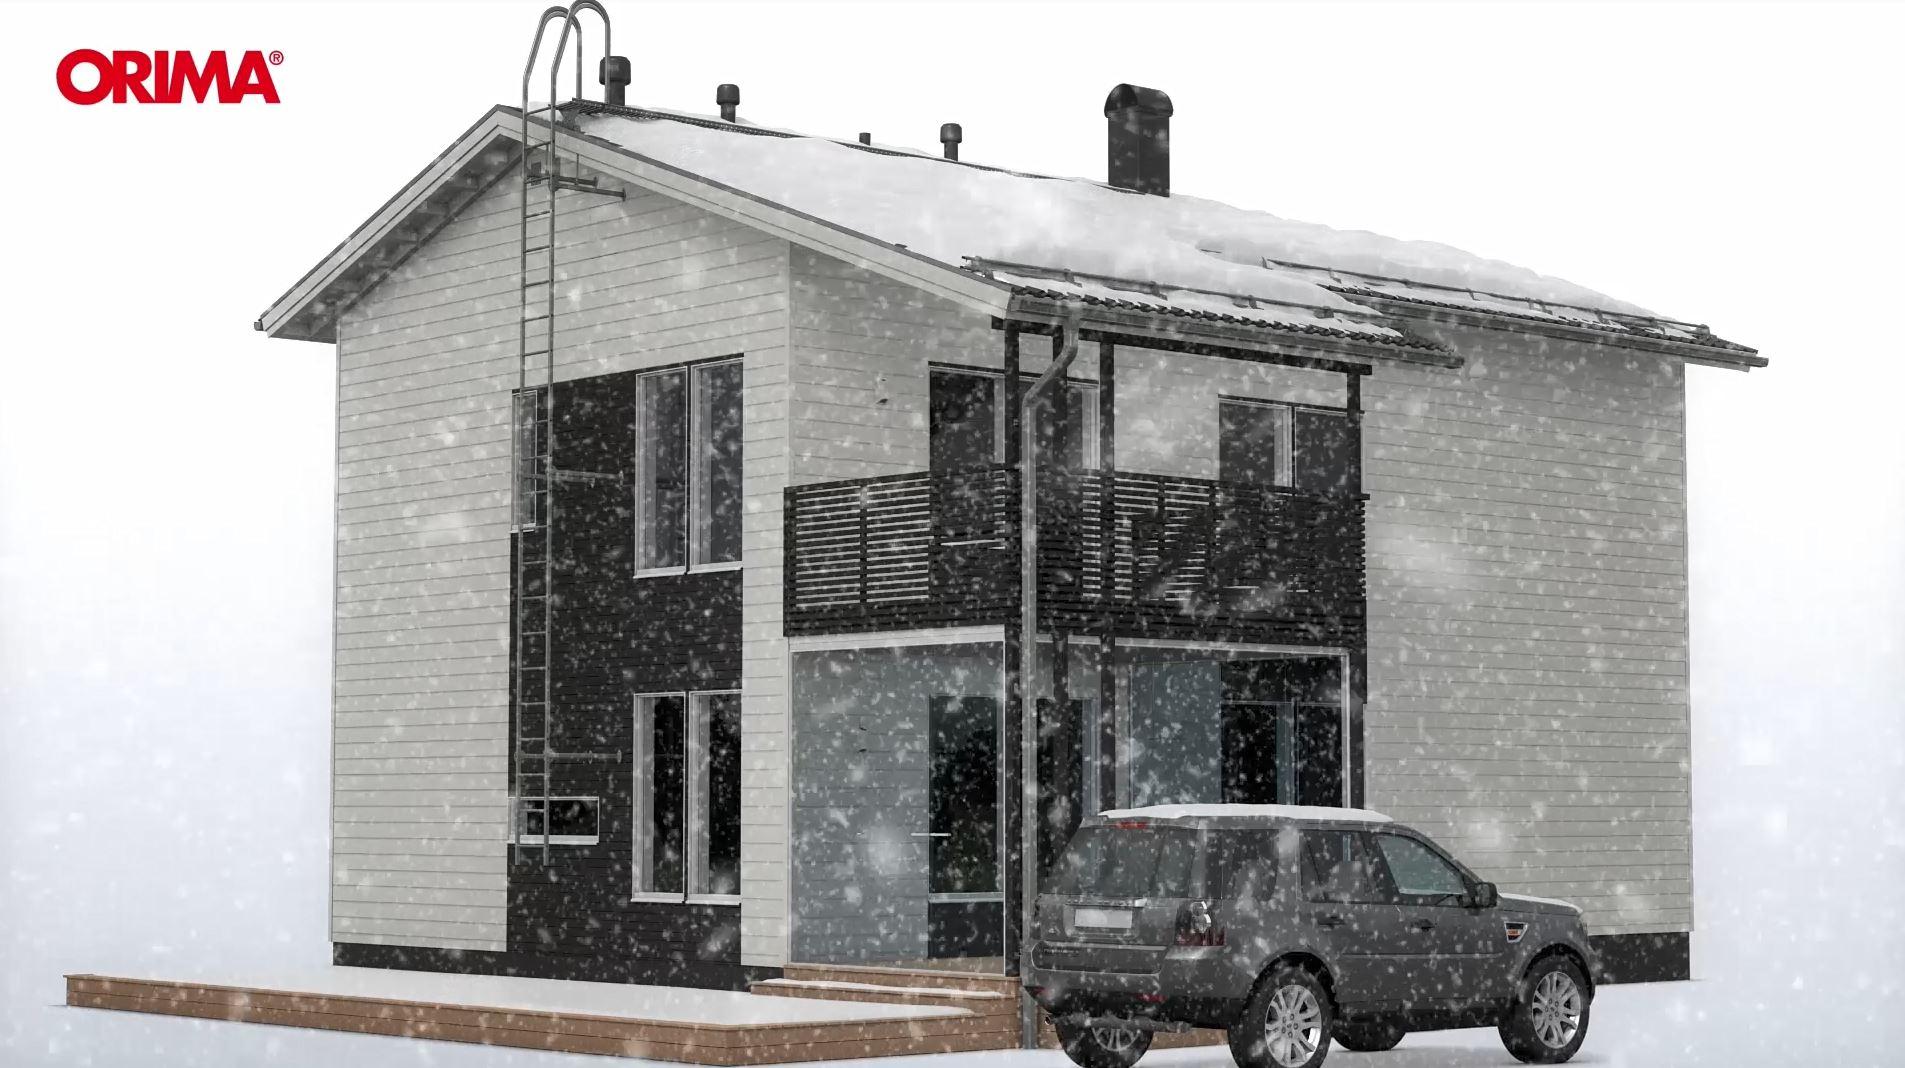 weckman lumetõke ohtuustooted orima korteriühistu